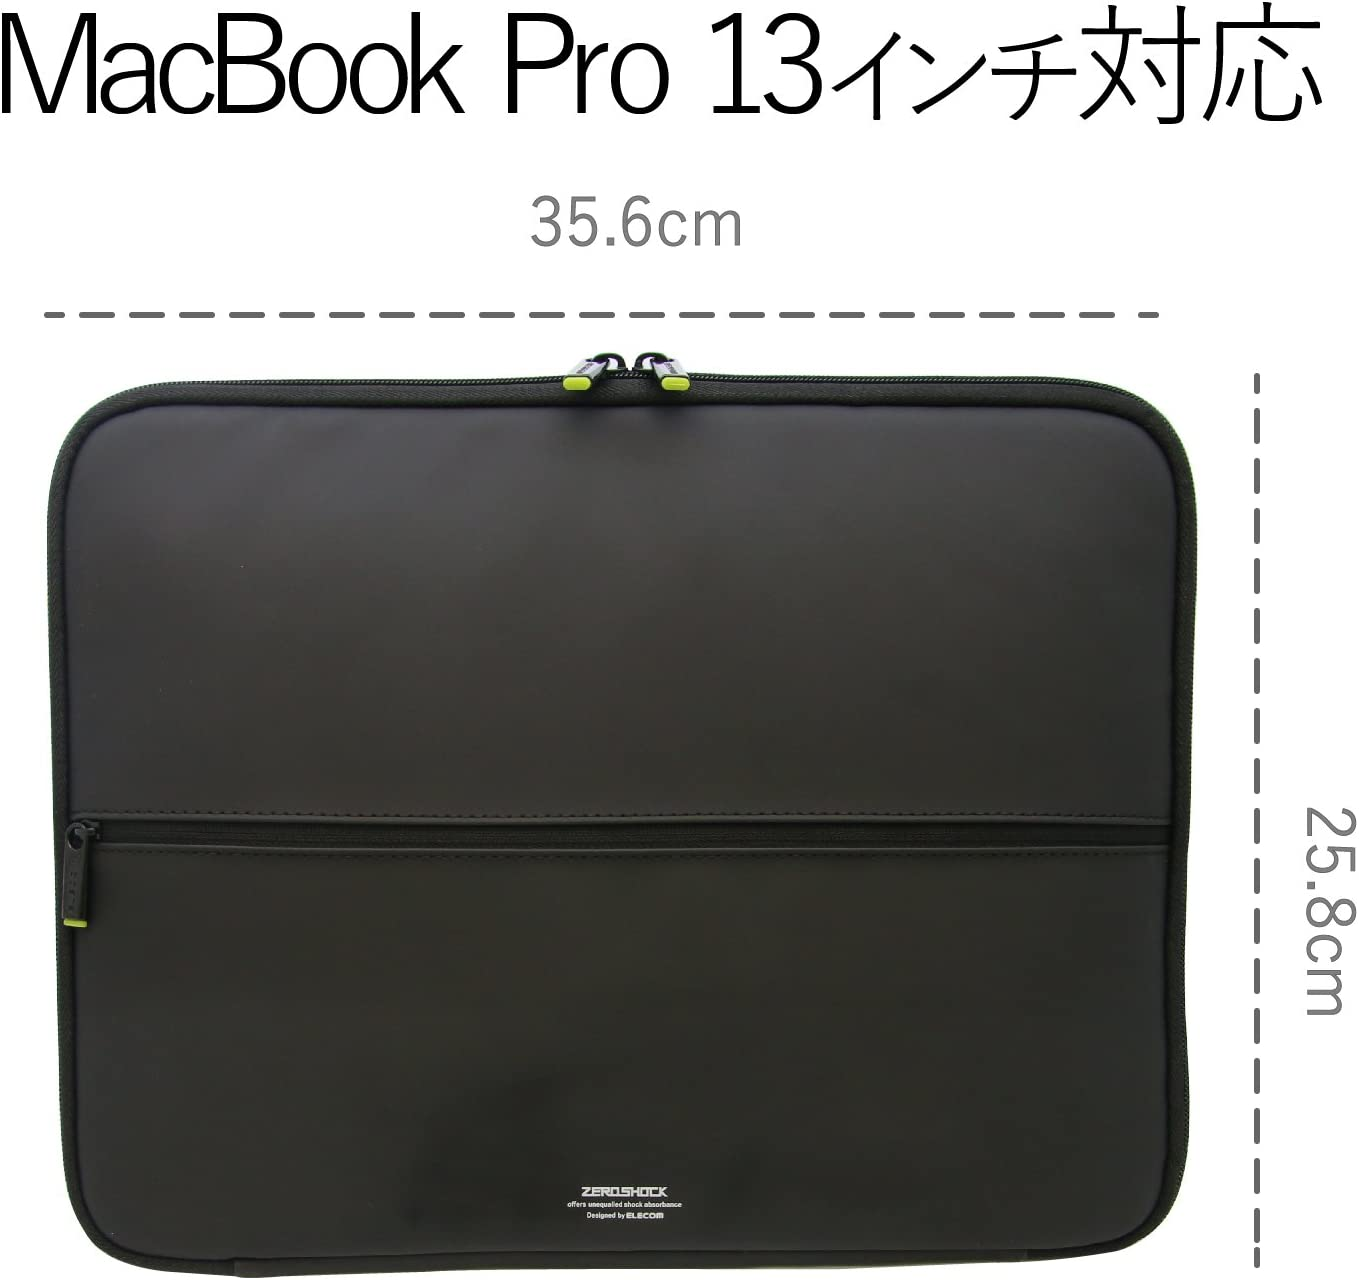 Thumbnail of エレコム パソコンケース 13.3インチ (macbook pro 13) 衝撃吸収 ZEROSHOCK スリム ブラック2$